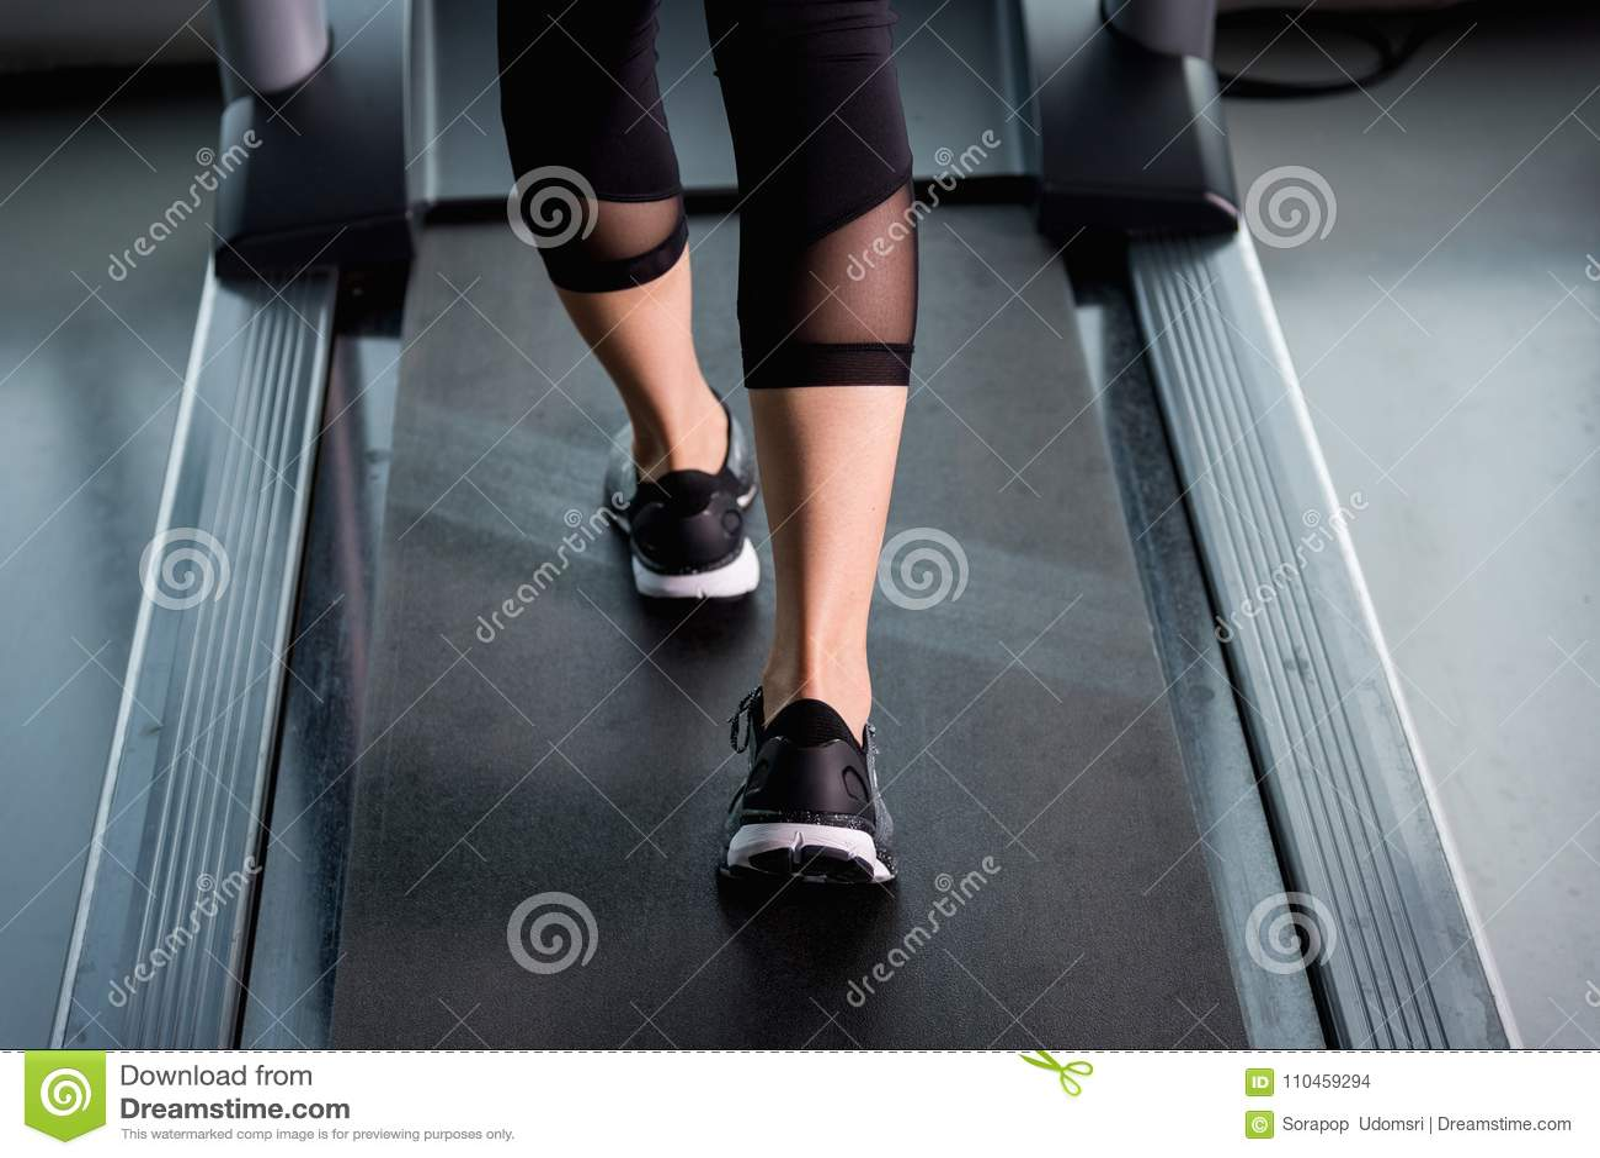 Pies Musculares Femeninos En Las Zapatillas De Deporte Que Corren En ...